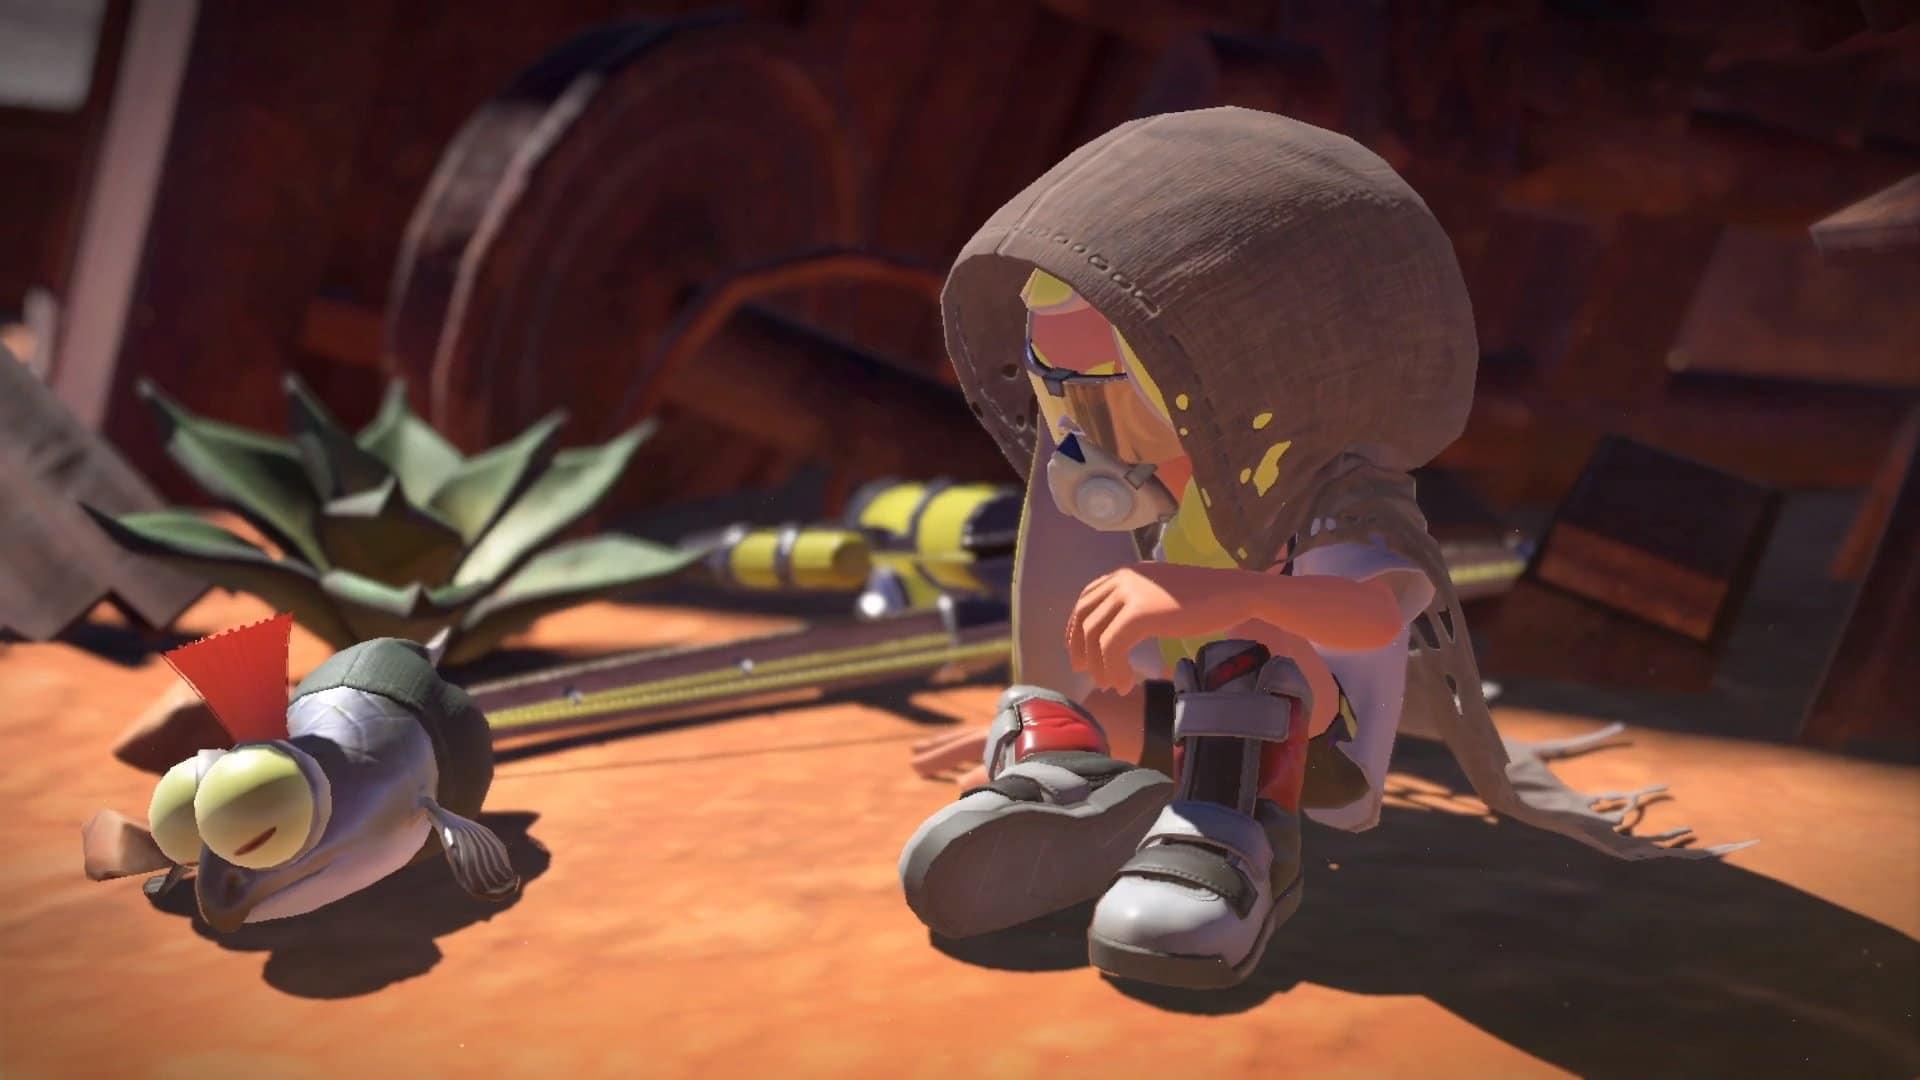 Nintendo busca diseñador de niveles para Splatoon 3 con estas especificaciones